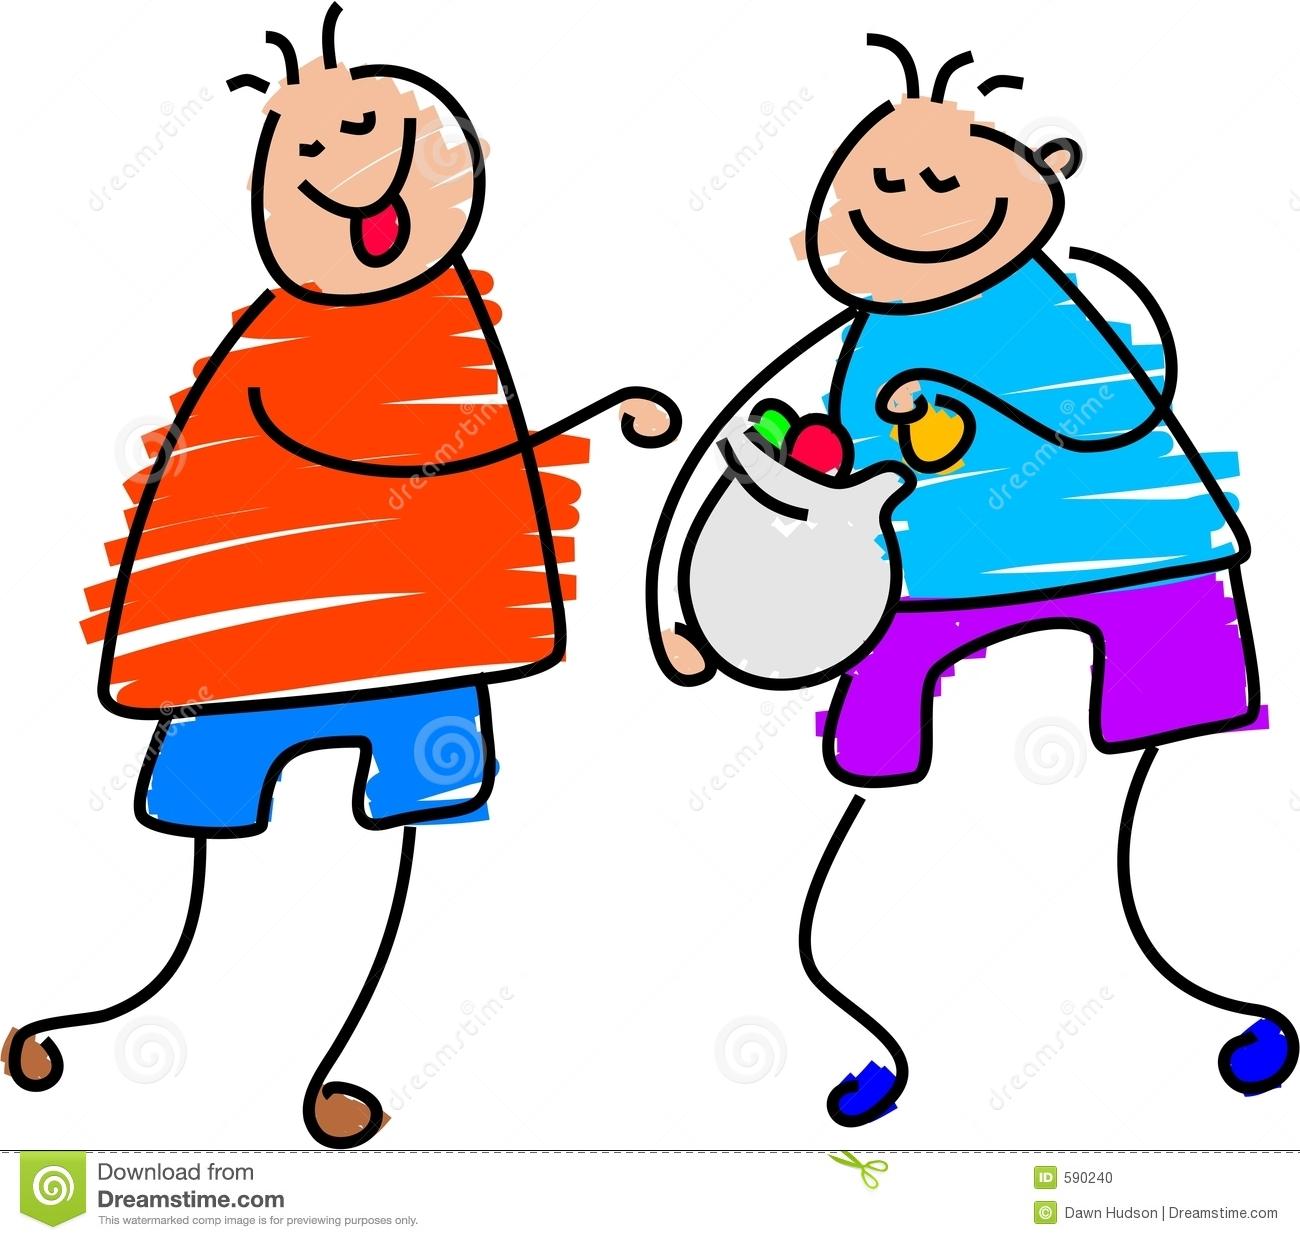 Clip Art Sharing Clipart sharing clipart kid sweets 590240 jpg